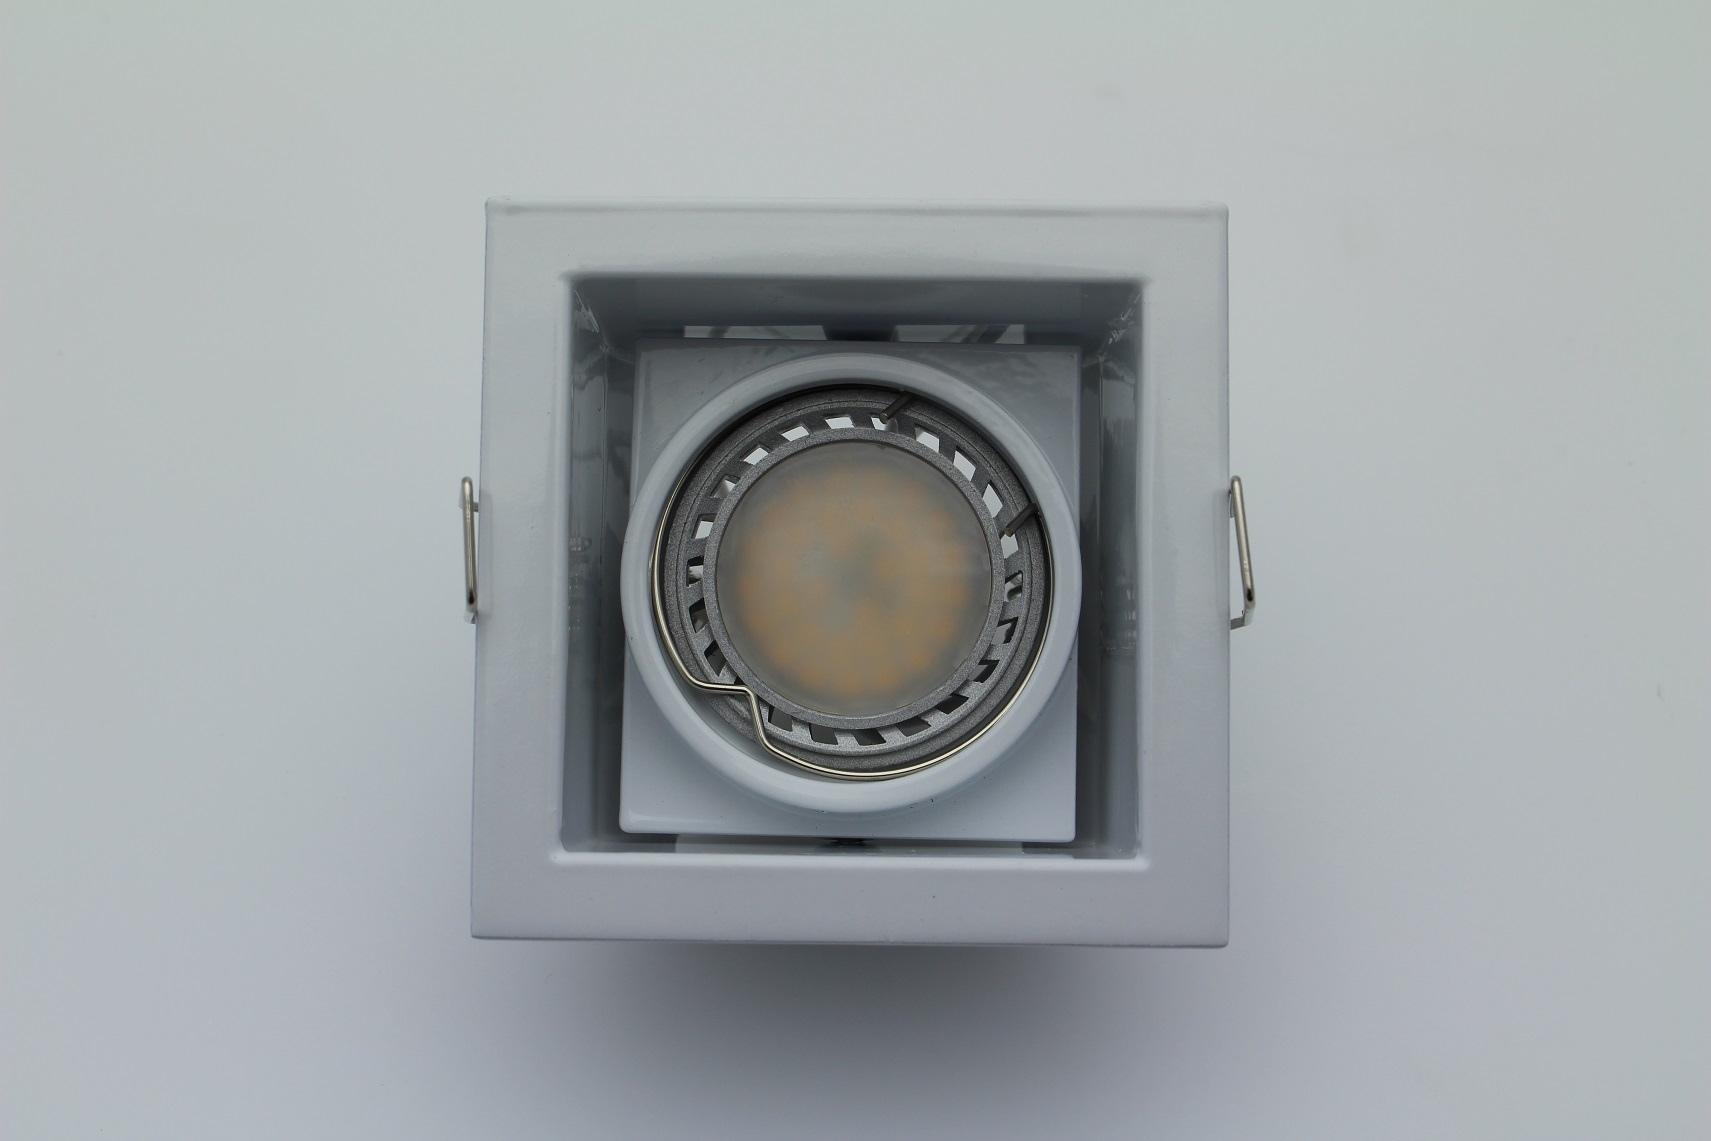 Lampenlux Einbaustrahler Spot Rocky weiß 30° schwenkbar GU10 230V 9.0x9.0cm rostfrei Einbauleuchte Einbaulampe Einbauspot Spot Strahler Punktstrahler Aluminium Downlight Down Deckeneinbaustrahler Deckeneinbauleuchte